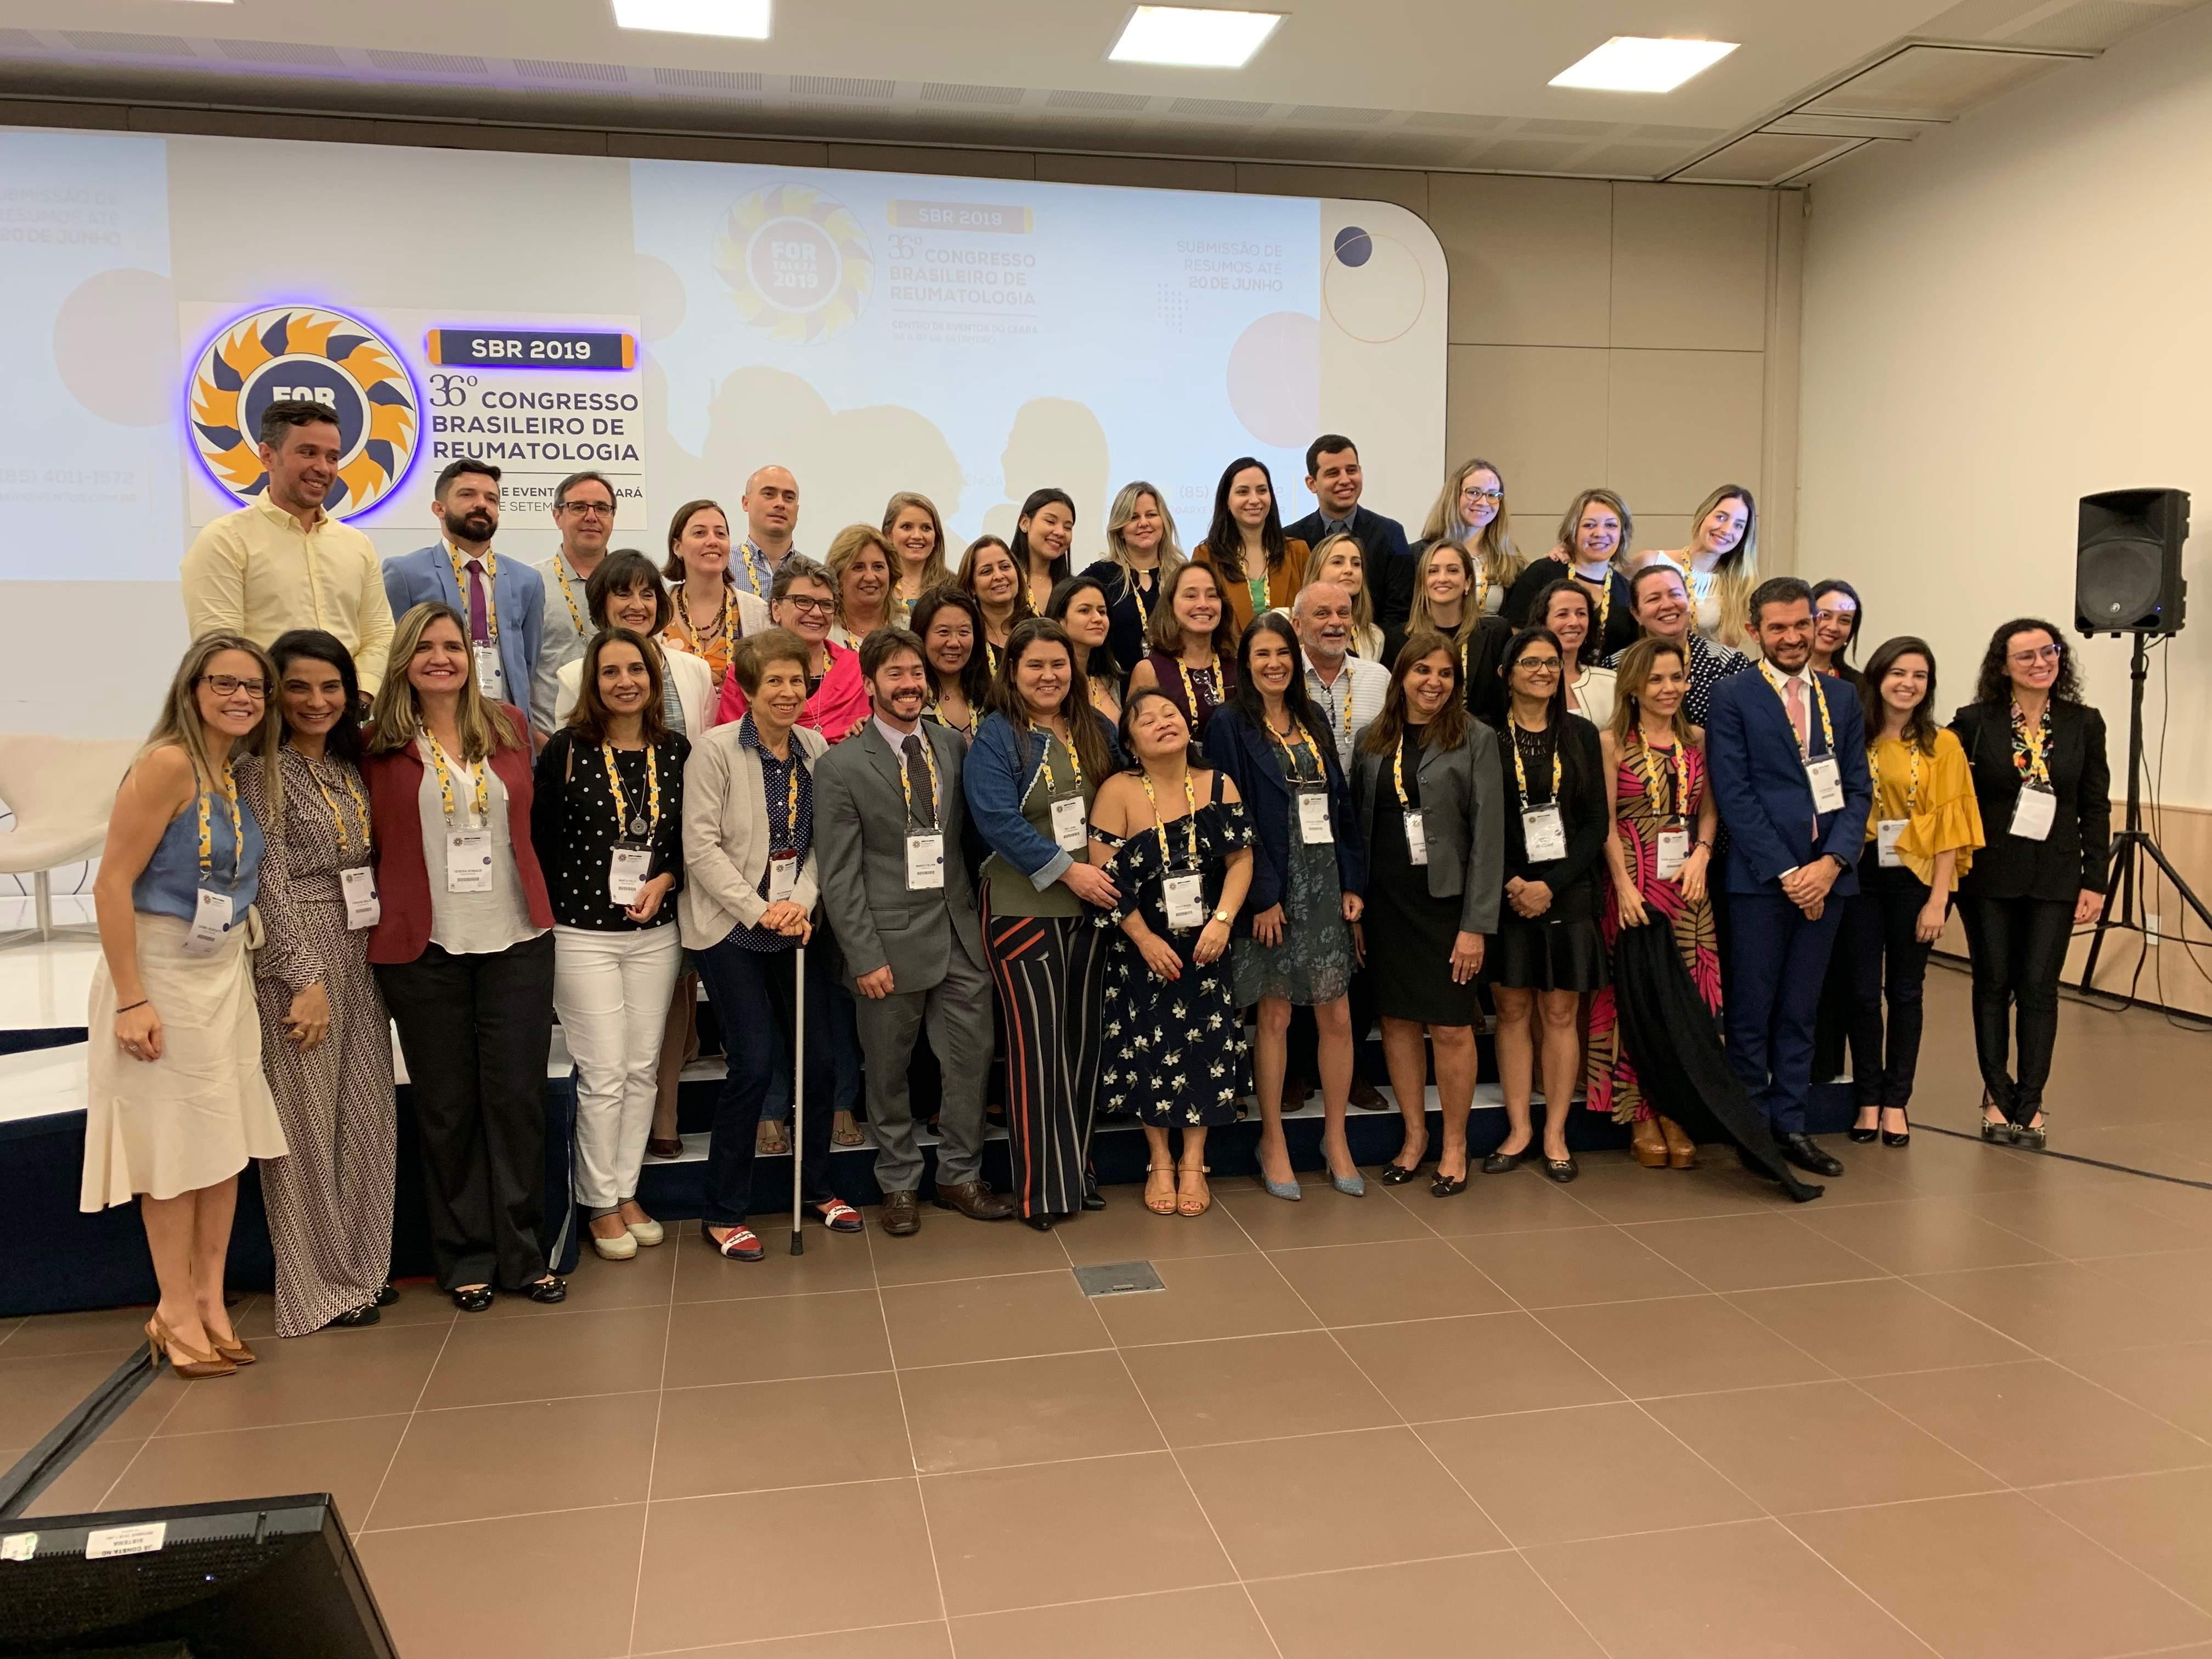 Grupo de LESJ 2020-2030, que terá apoio Dasa, no Congresso Brasileiro de Reumatologia, Fortaleza (CE), em setembro de 2019